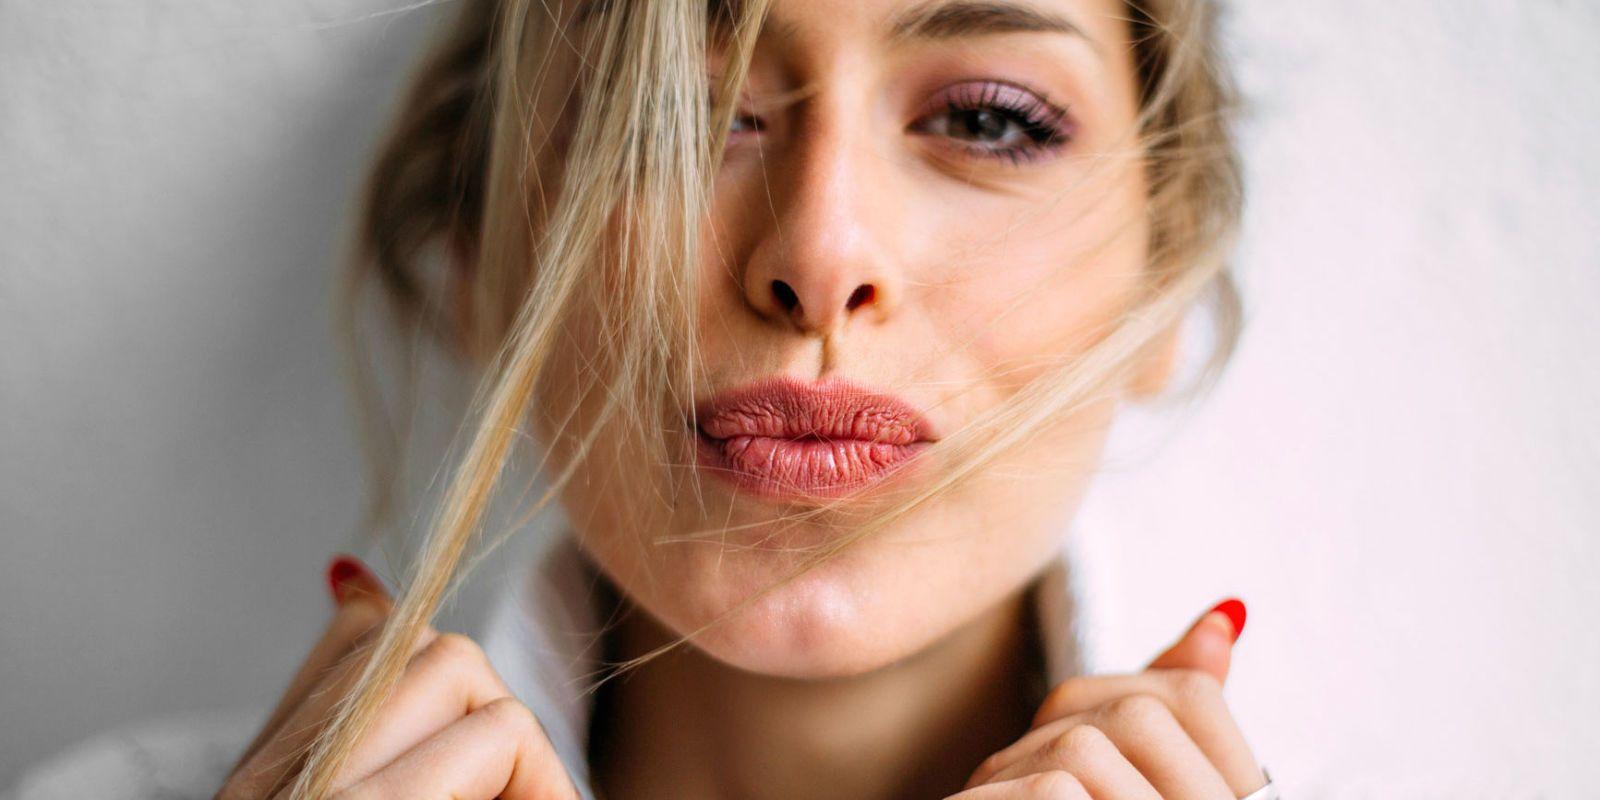 Makeup Tutorials and How Tos - Makeup and Skincare Tips